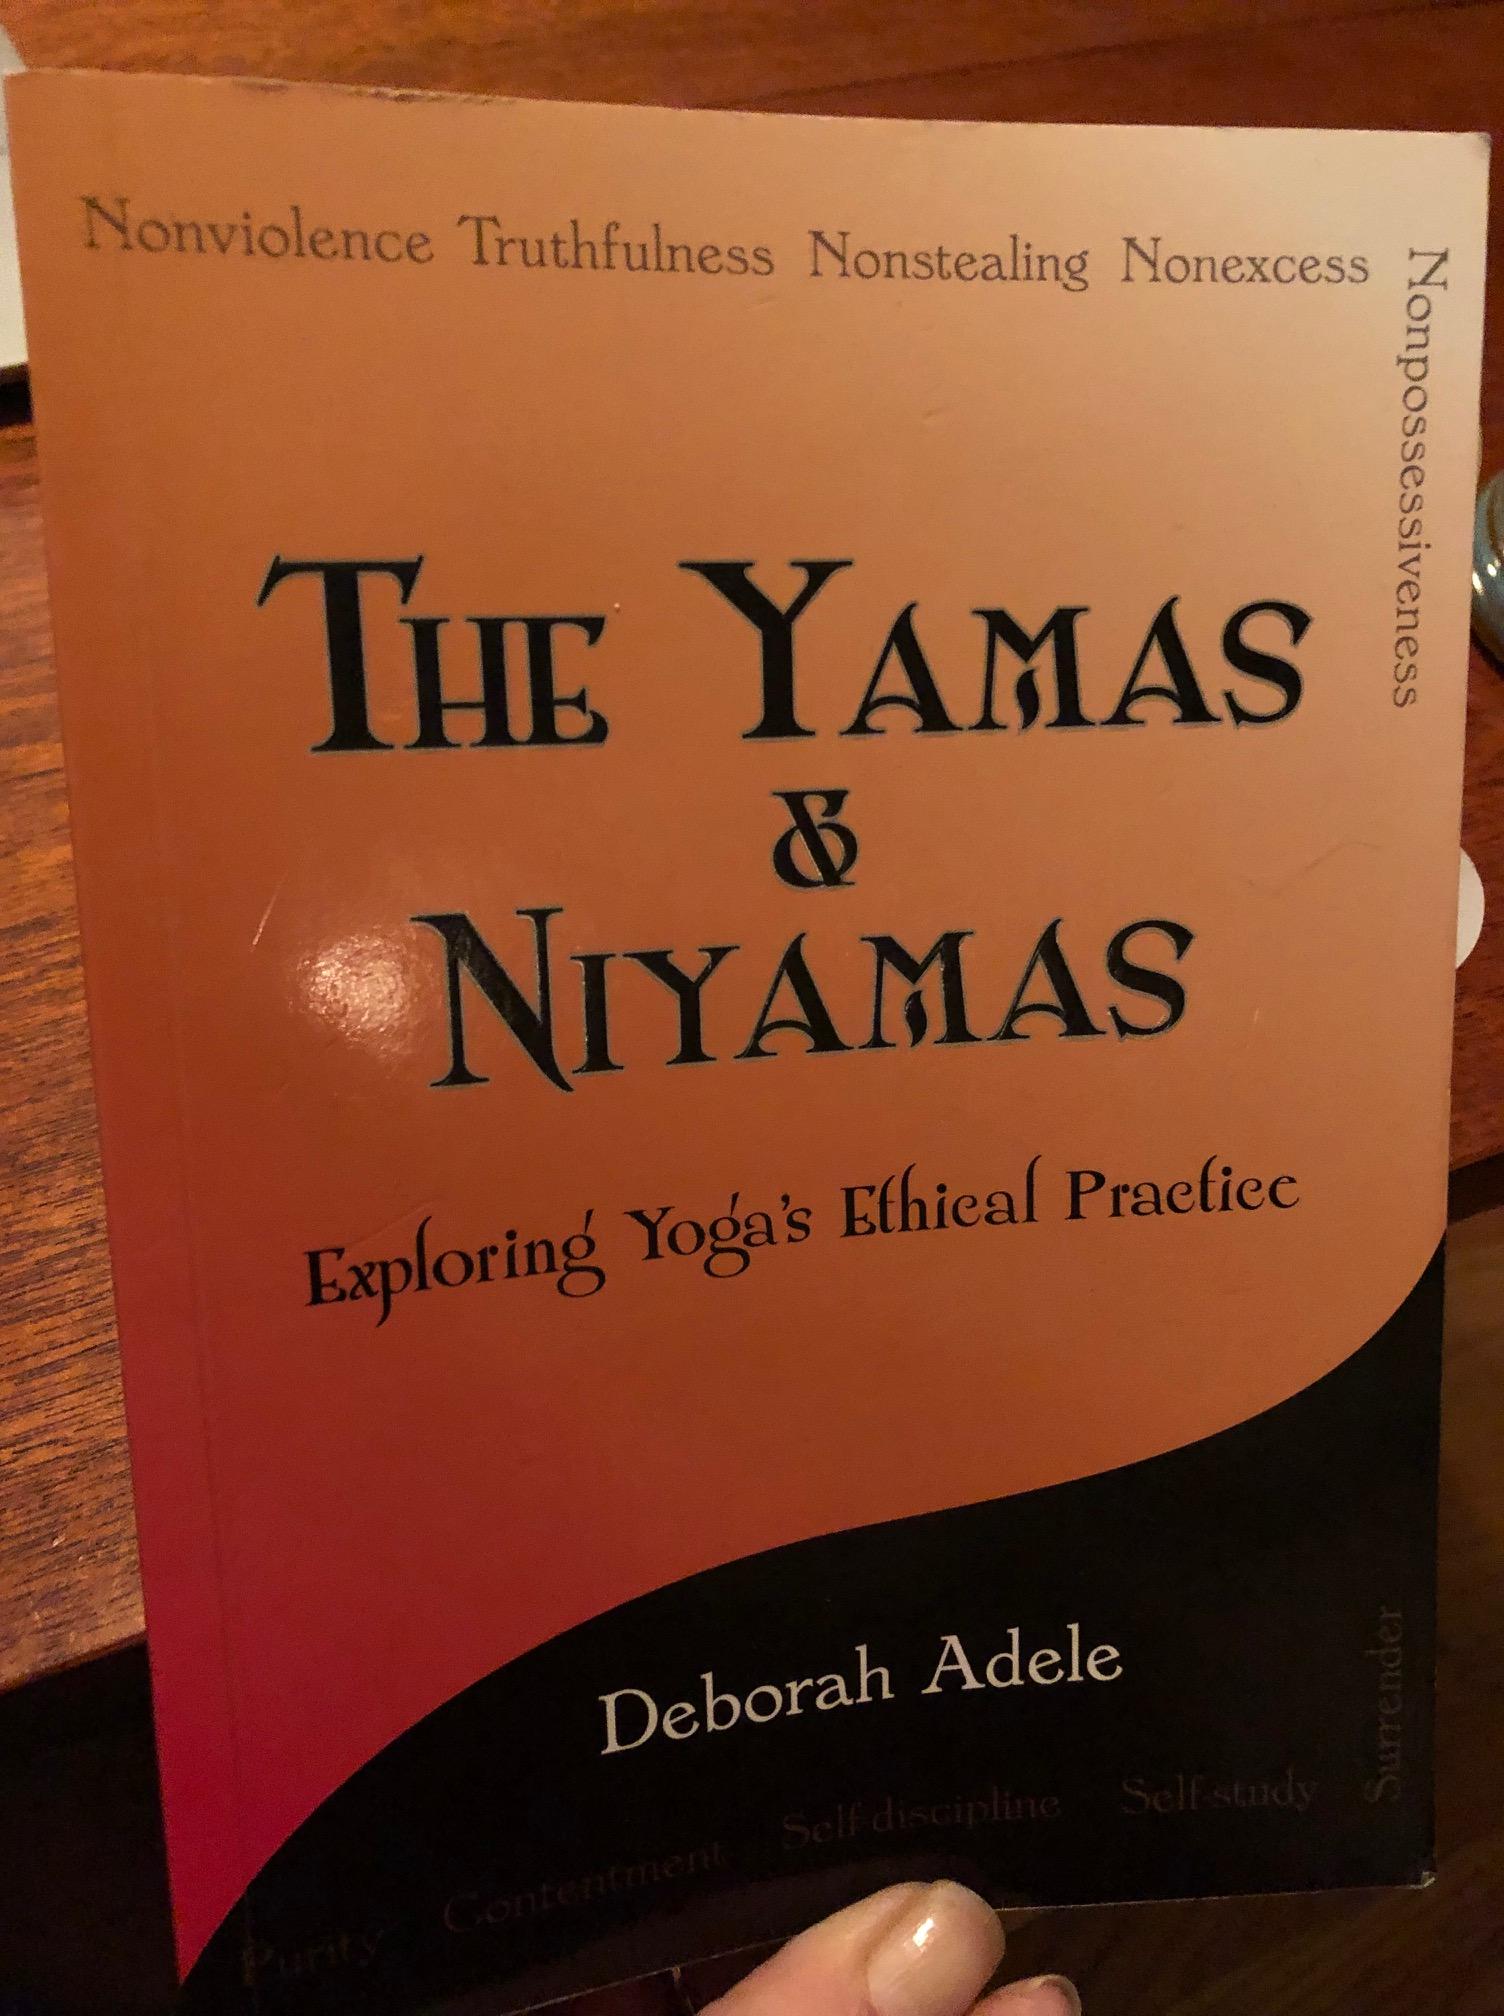 Yamas and Niyamas